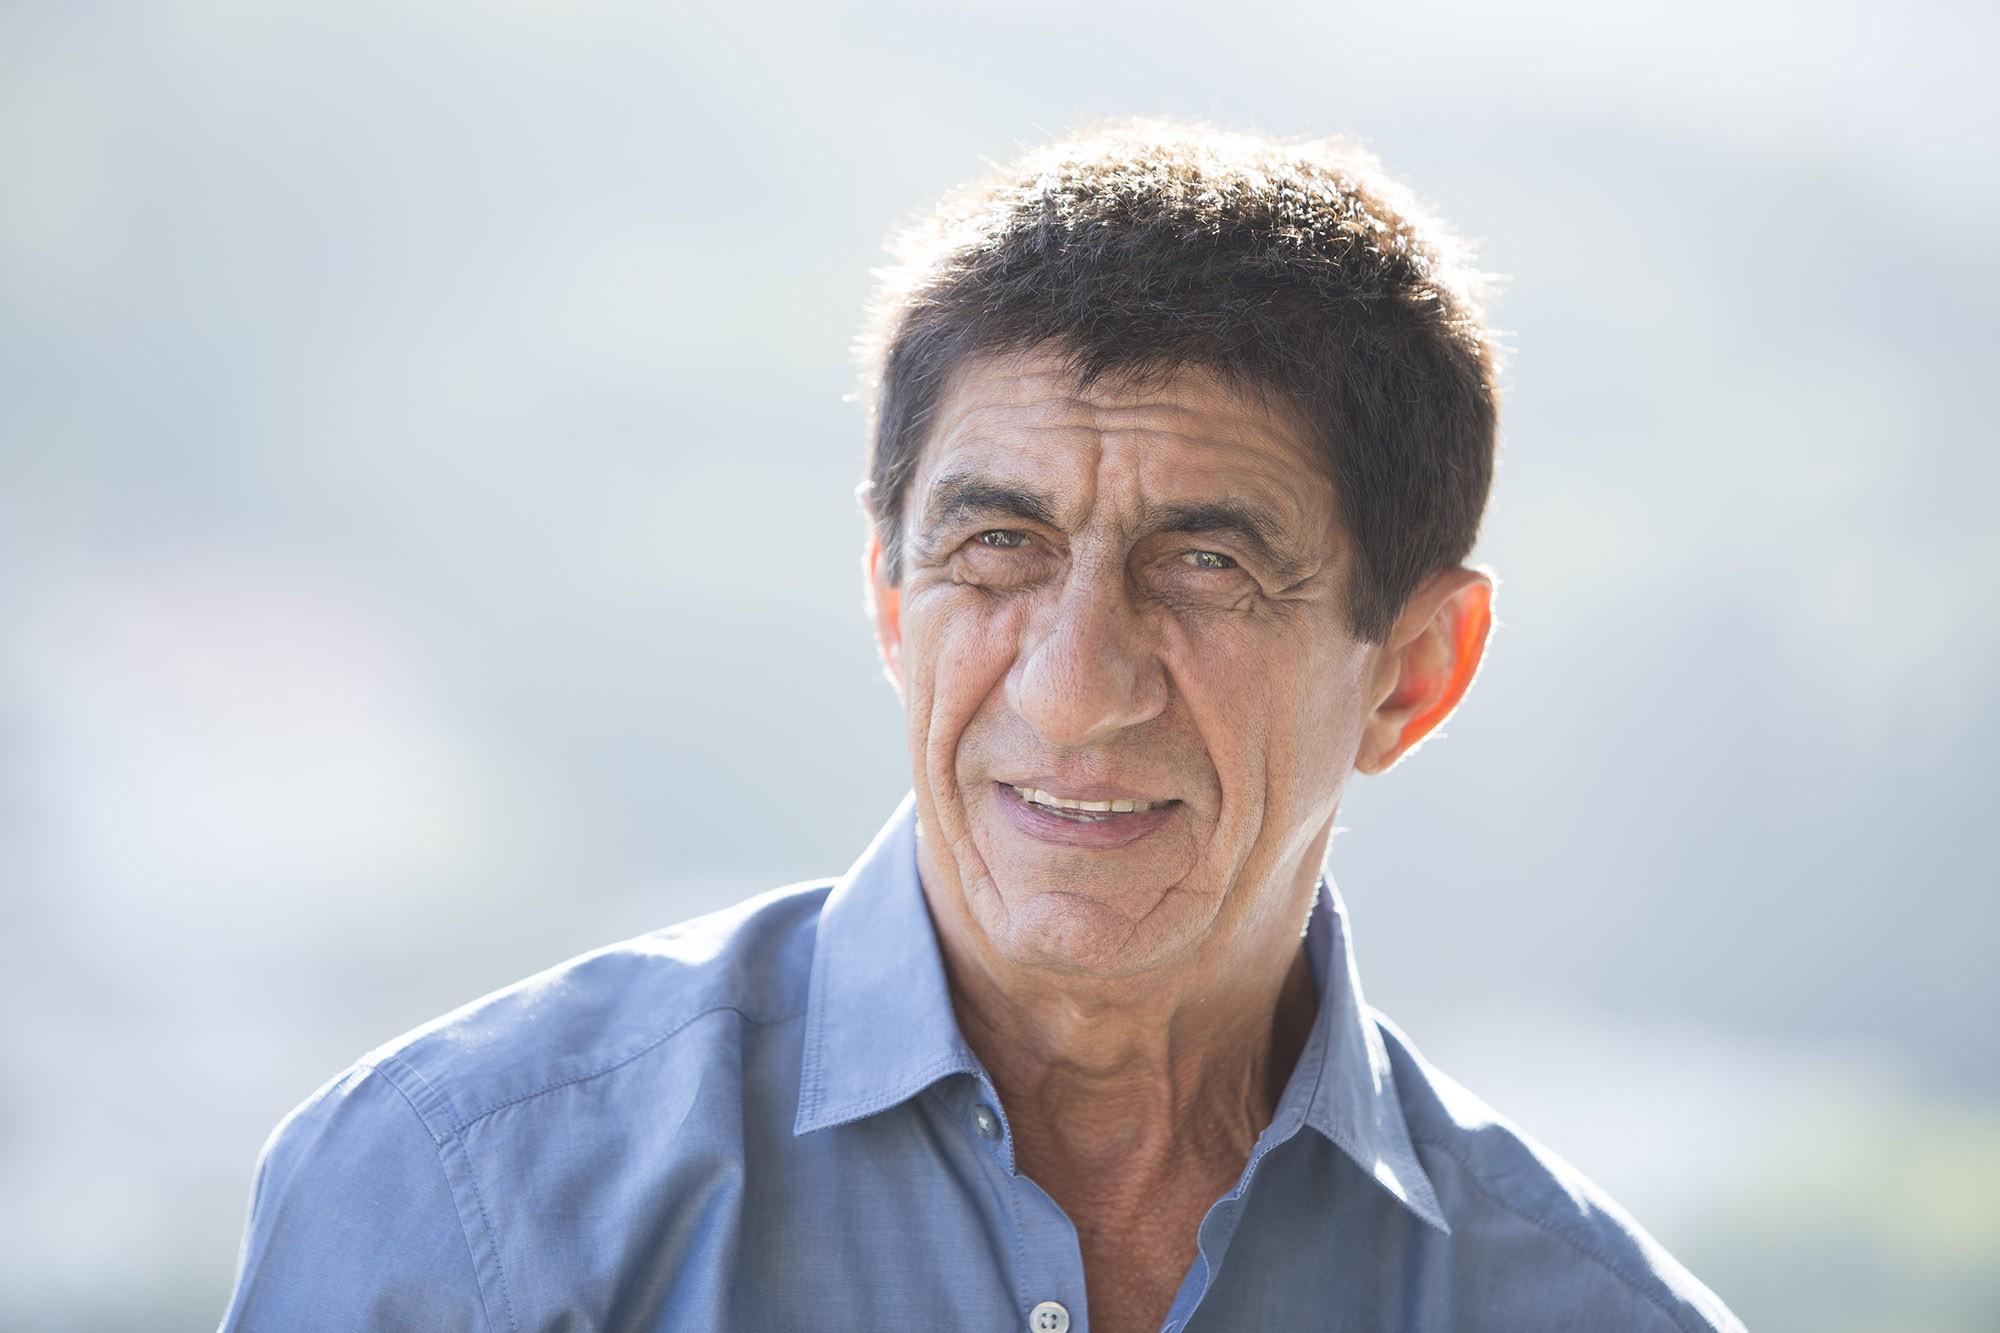 Fagner faz 70 anos e tem nove álbuns relançados em edições digitais - Notícias - Plantão Diário